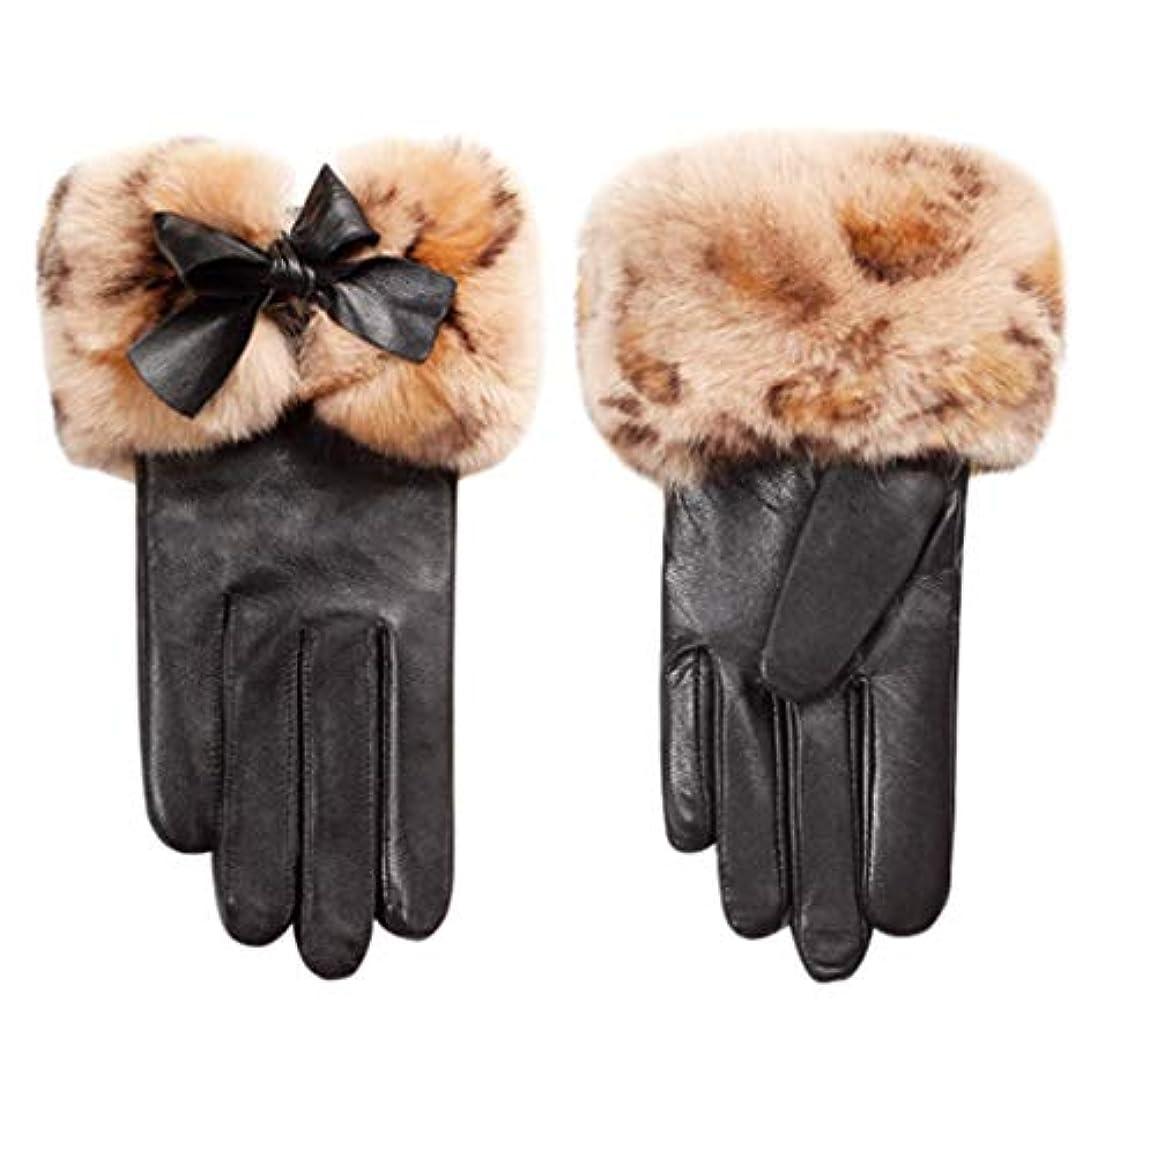 古風なランプ納屋手袋女性の冬プラスベルベット厚い暖かい韓国のかわいい乗り物運転屋外防風レディース革手袋N2E8X81452黒M